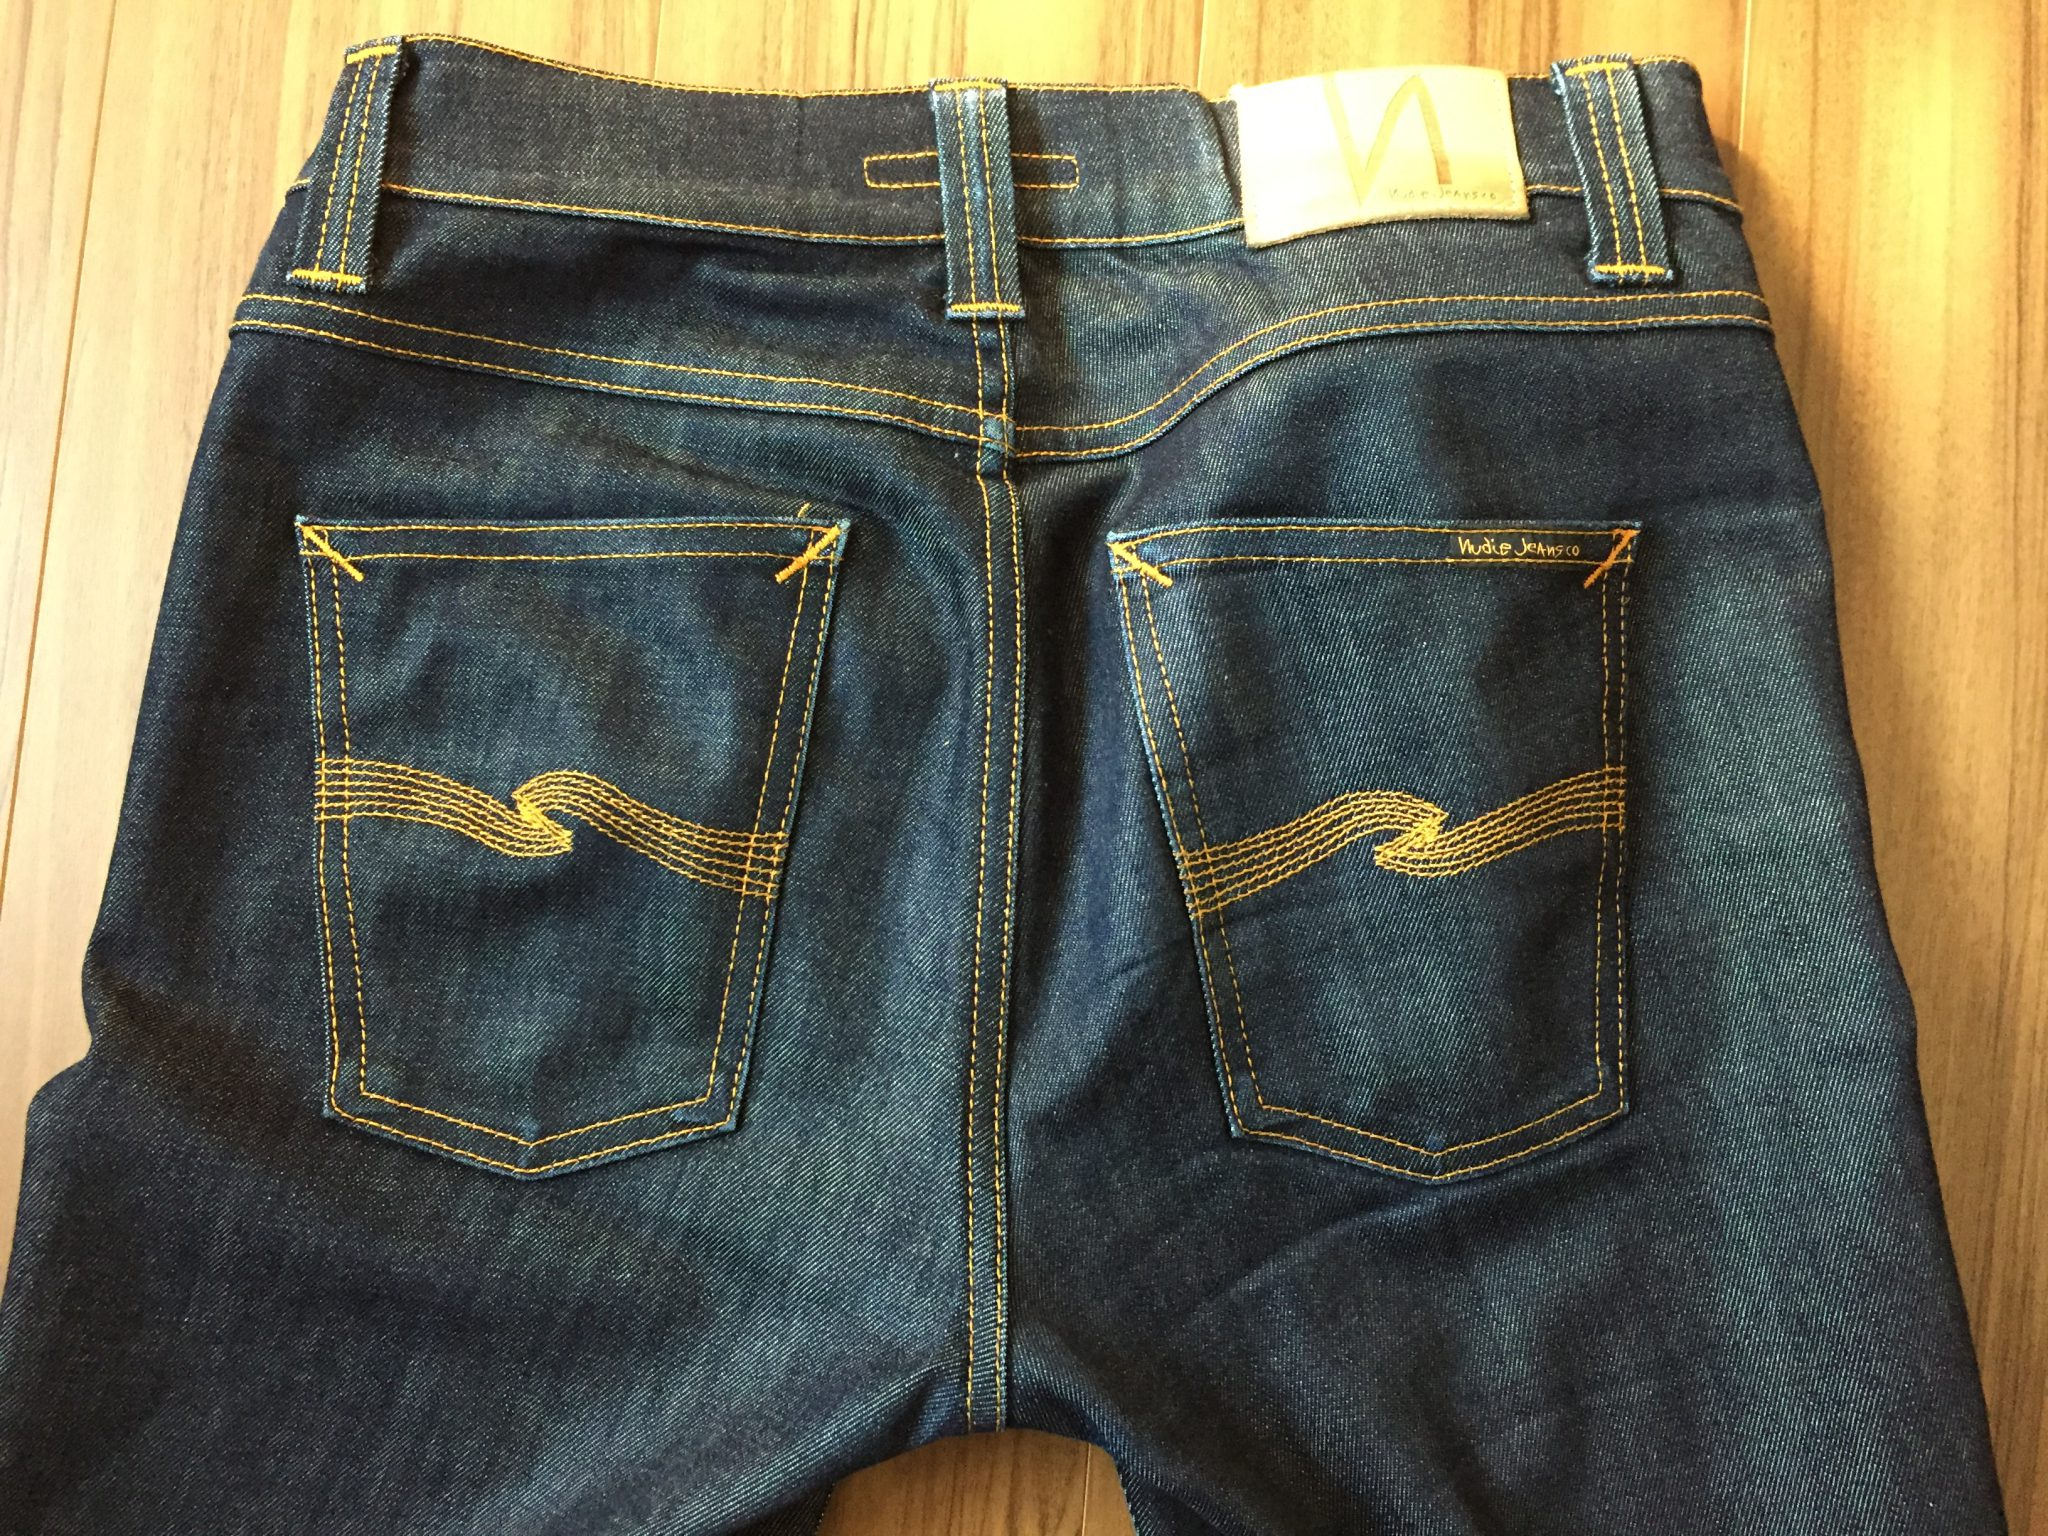 NudieJeans LeanDean Dry16Dips 88日1000時間経過~未だノンウォッシュでも色落ち穏やか。プチニューの同時期の色落ちと比較してみる。